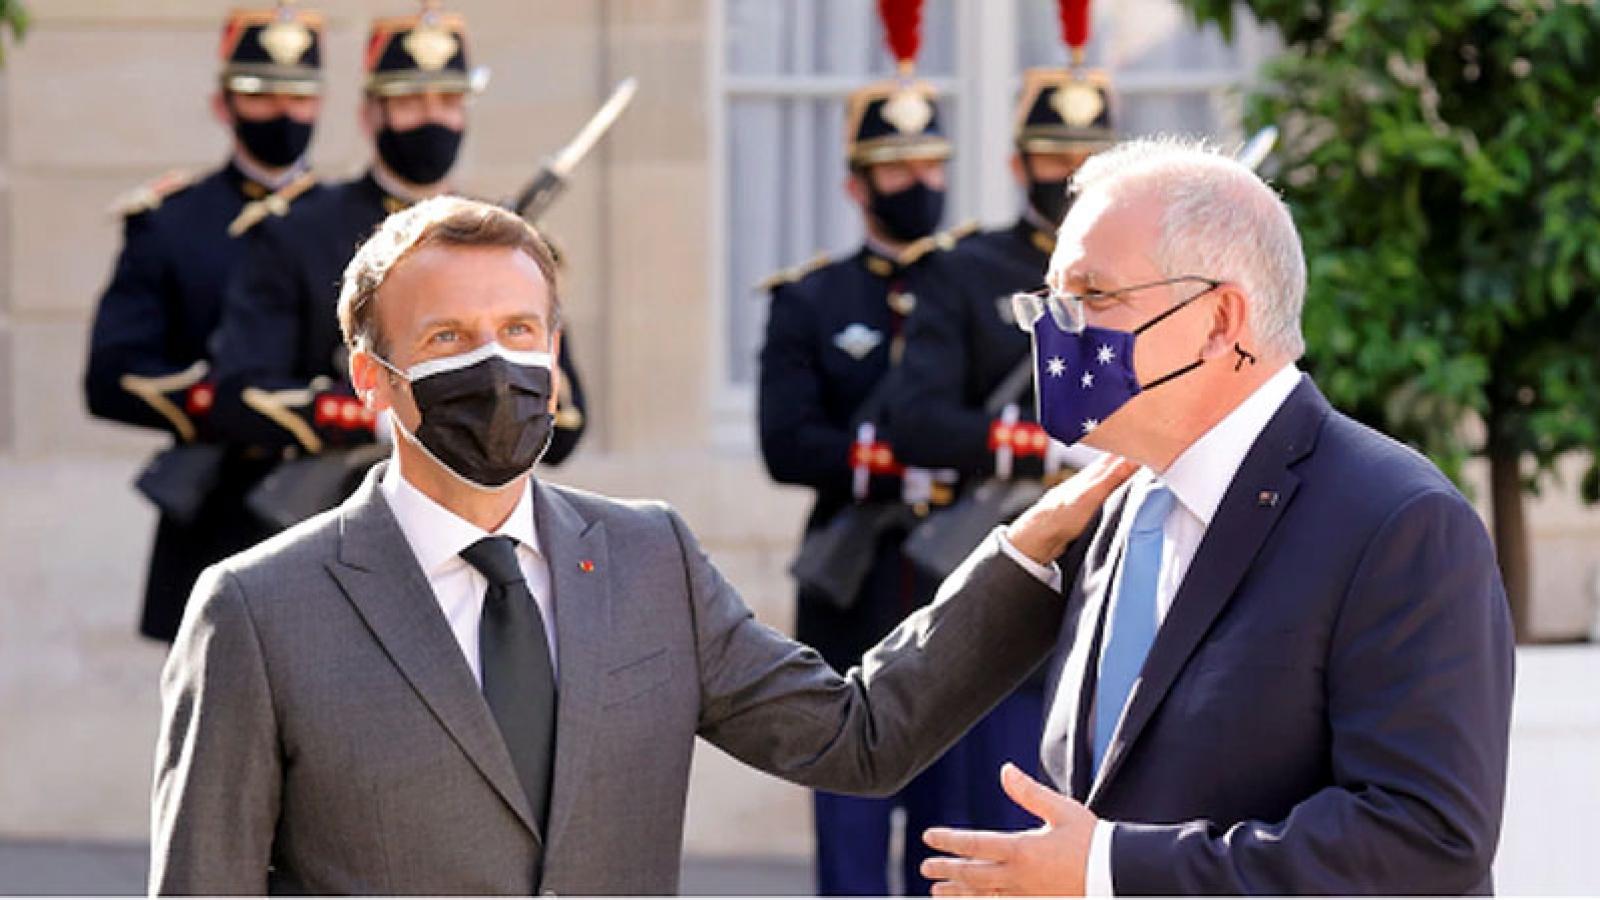 Quan hệ Australia - Pháp bắt đầu được hàn gắn sau thương vụ tàu ngầm bị hủy bỏ